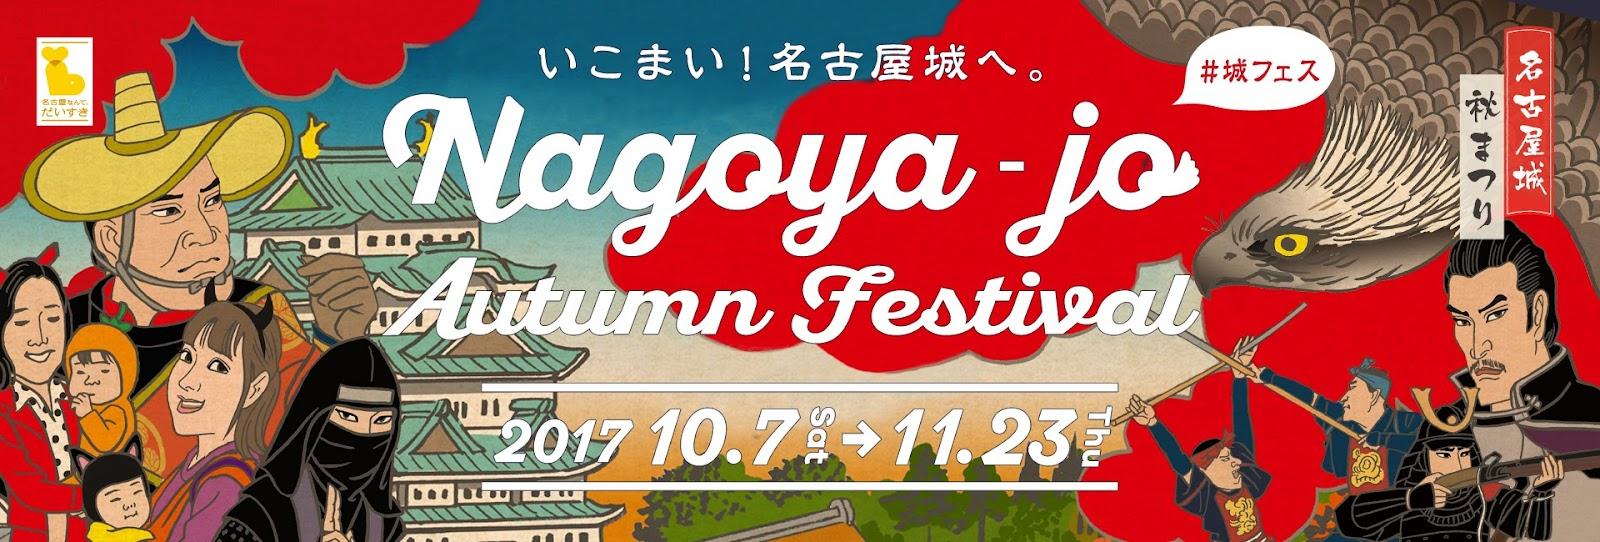 名古屋城秋まつり 2017 Nagoya-jo Festival